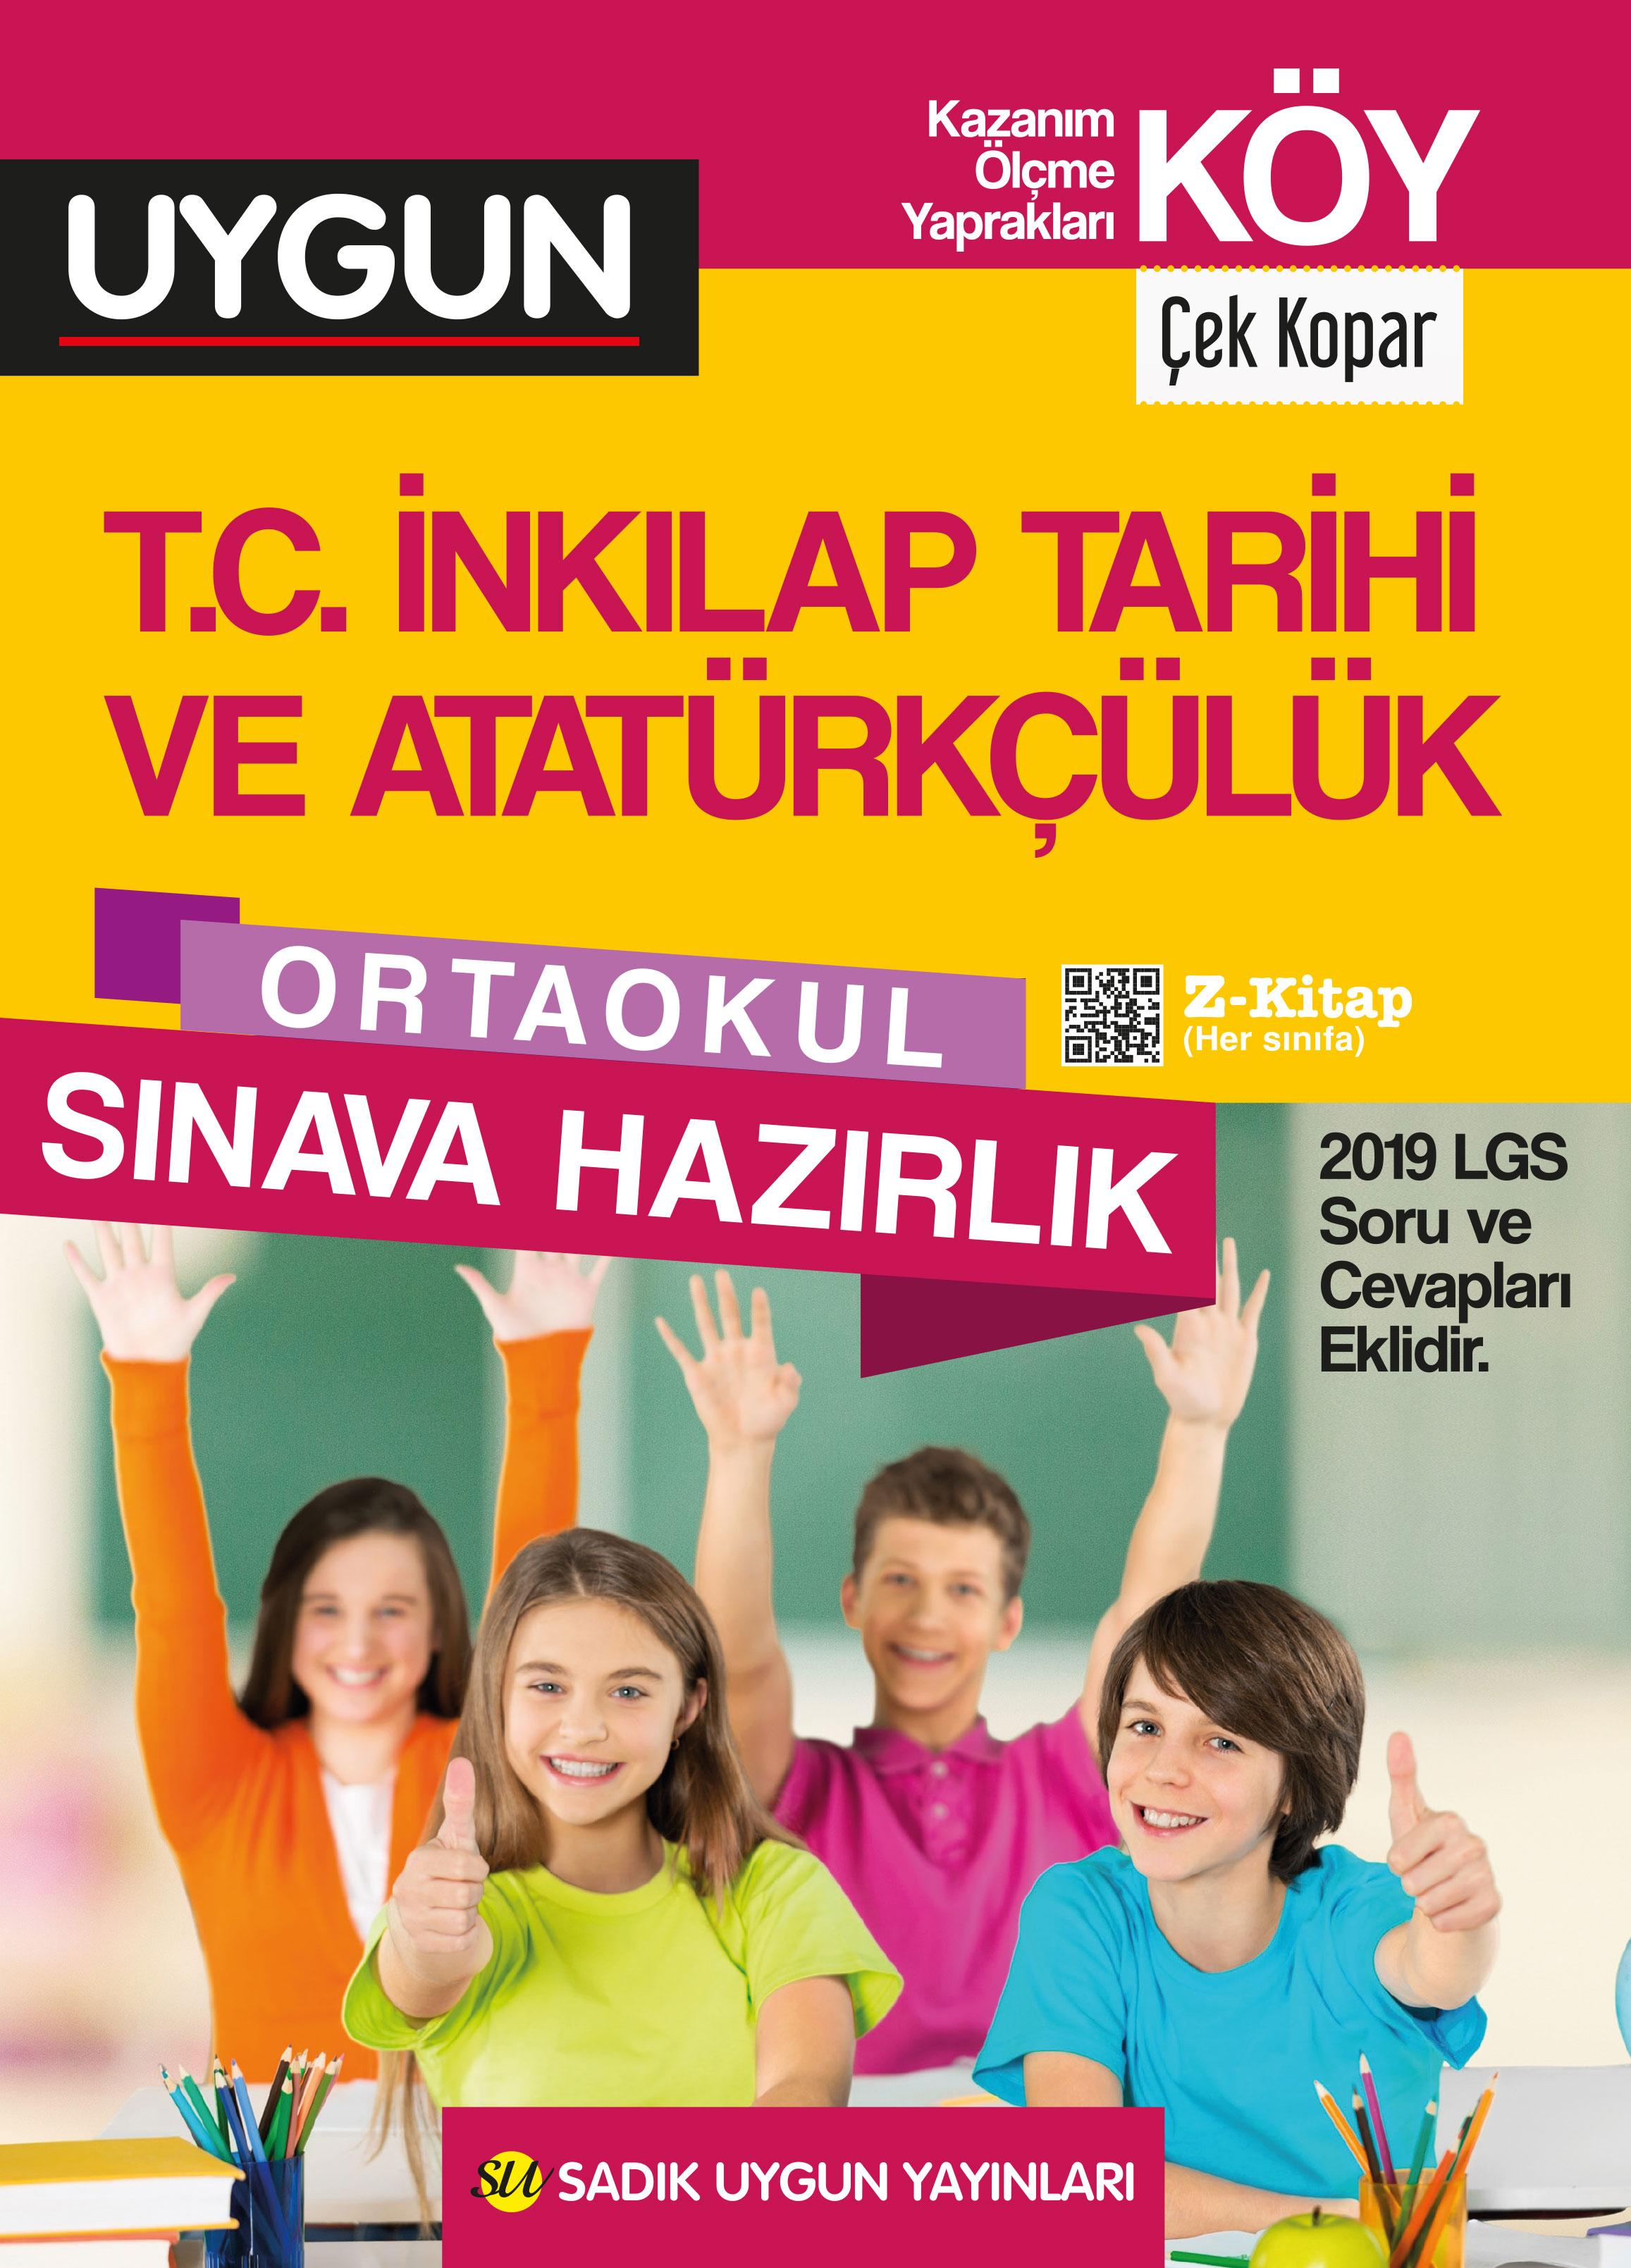 UYGUN – KÖY – İnkılap Tarihi ve Atatürkçülük 8. Sınıf